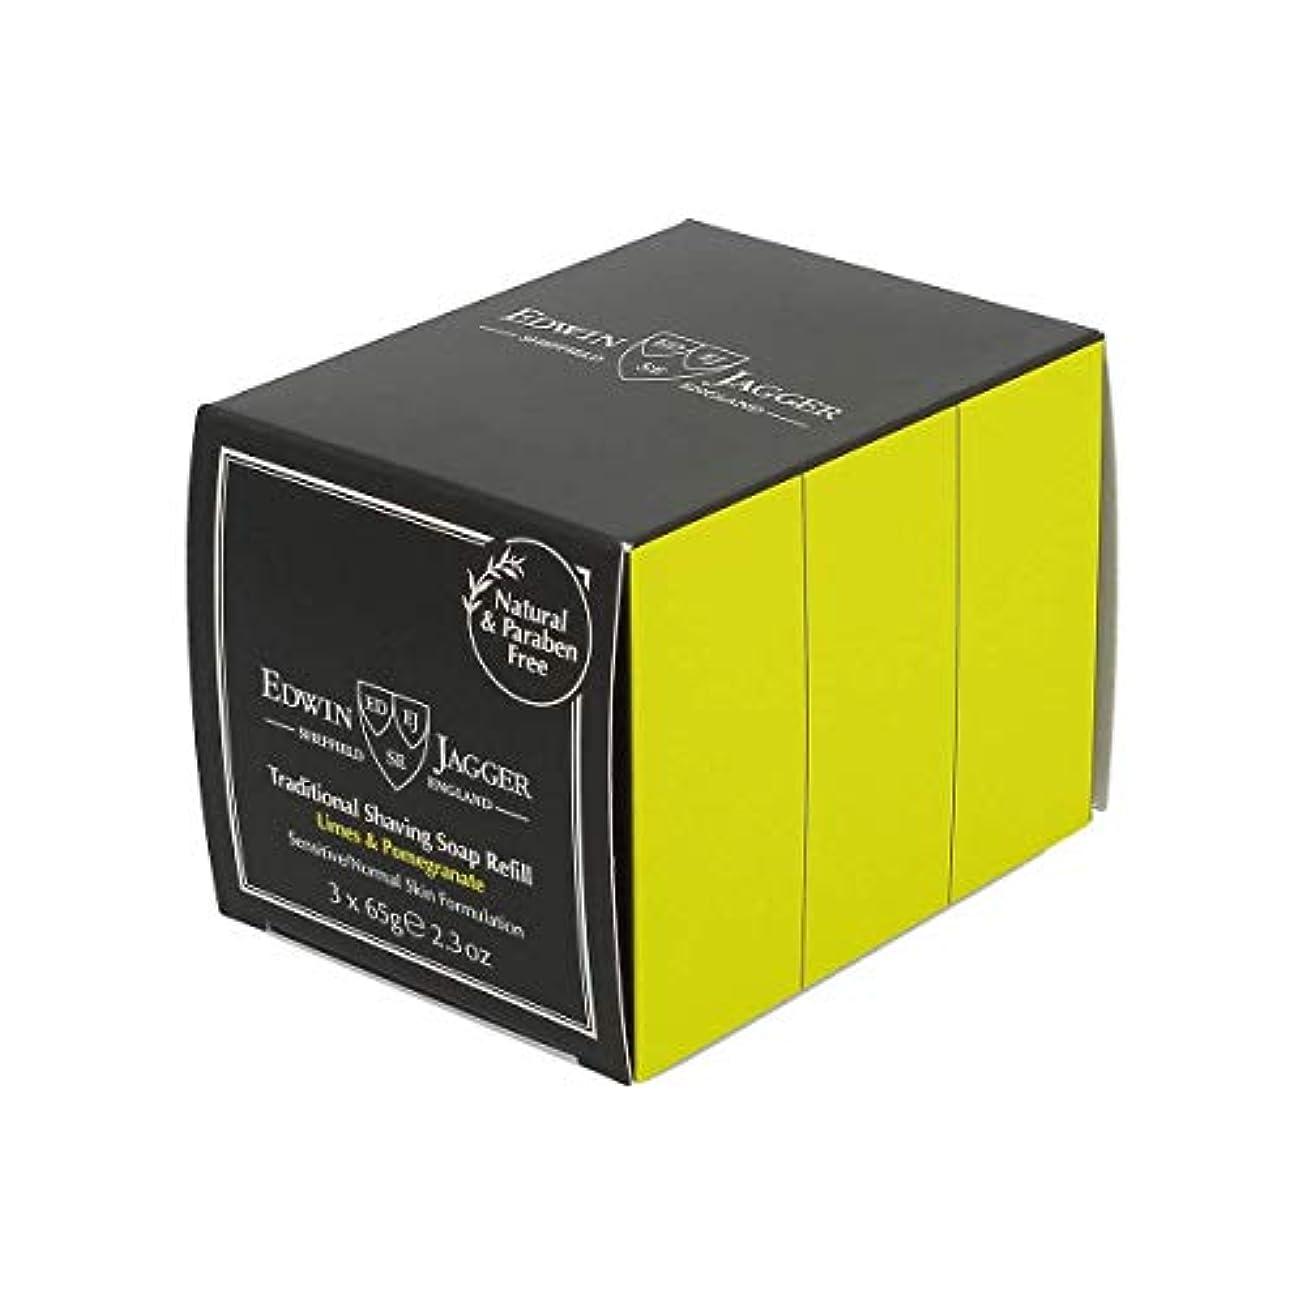 かご地球エドウィンジャガー トラディショナルシェービングソープ ライム&ザクロ65g 3パック[海外直送品]Edwin Jagger Traditional Shaving Soap Limes and Pomegranate...